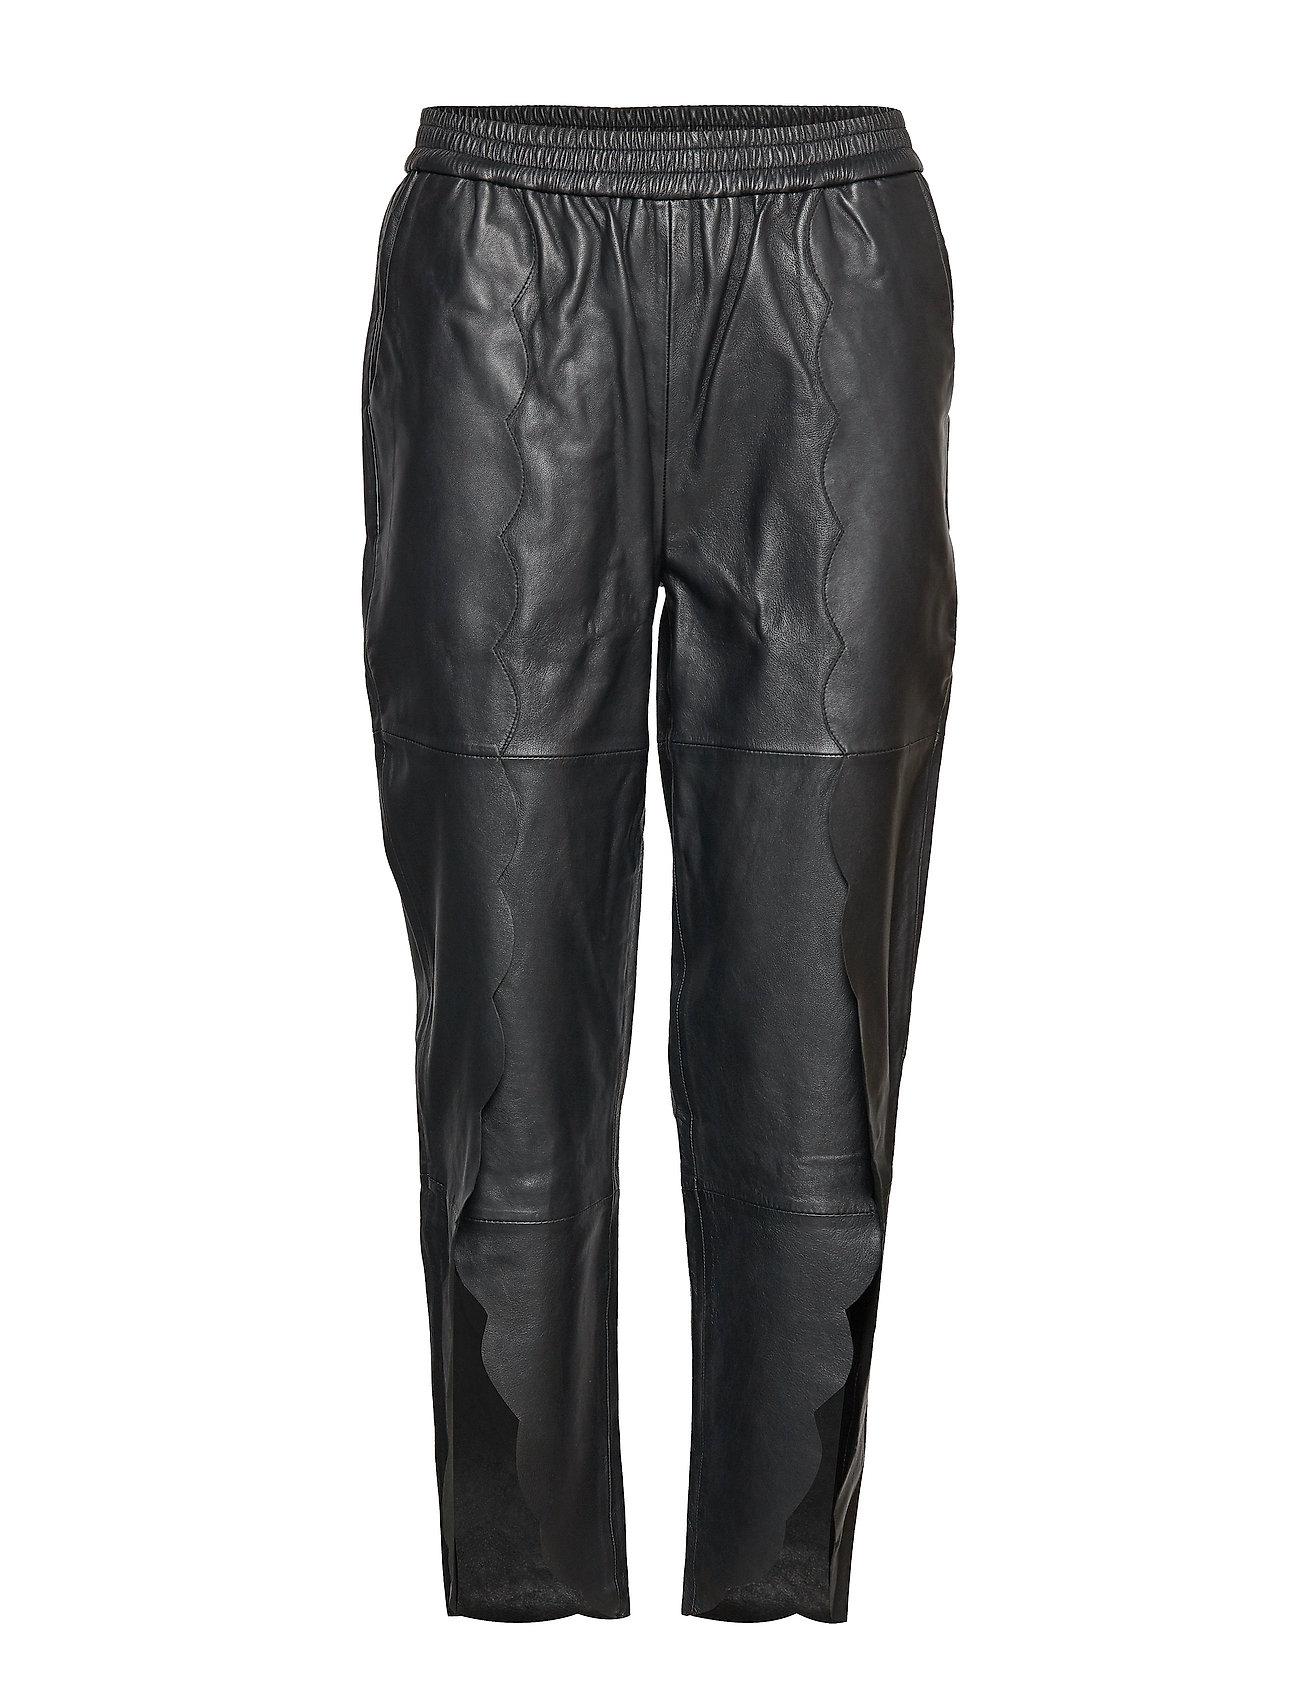 Image of Erin Scallop Pants Lb Bukser Med Lige Ben Sort DESIGNERS REMIX (3006910963)